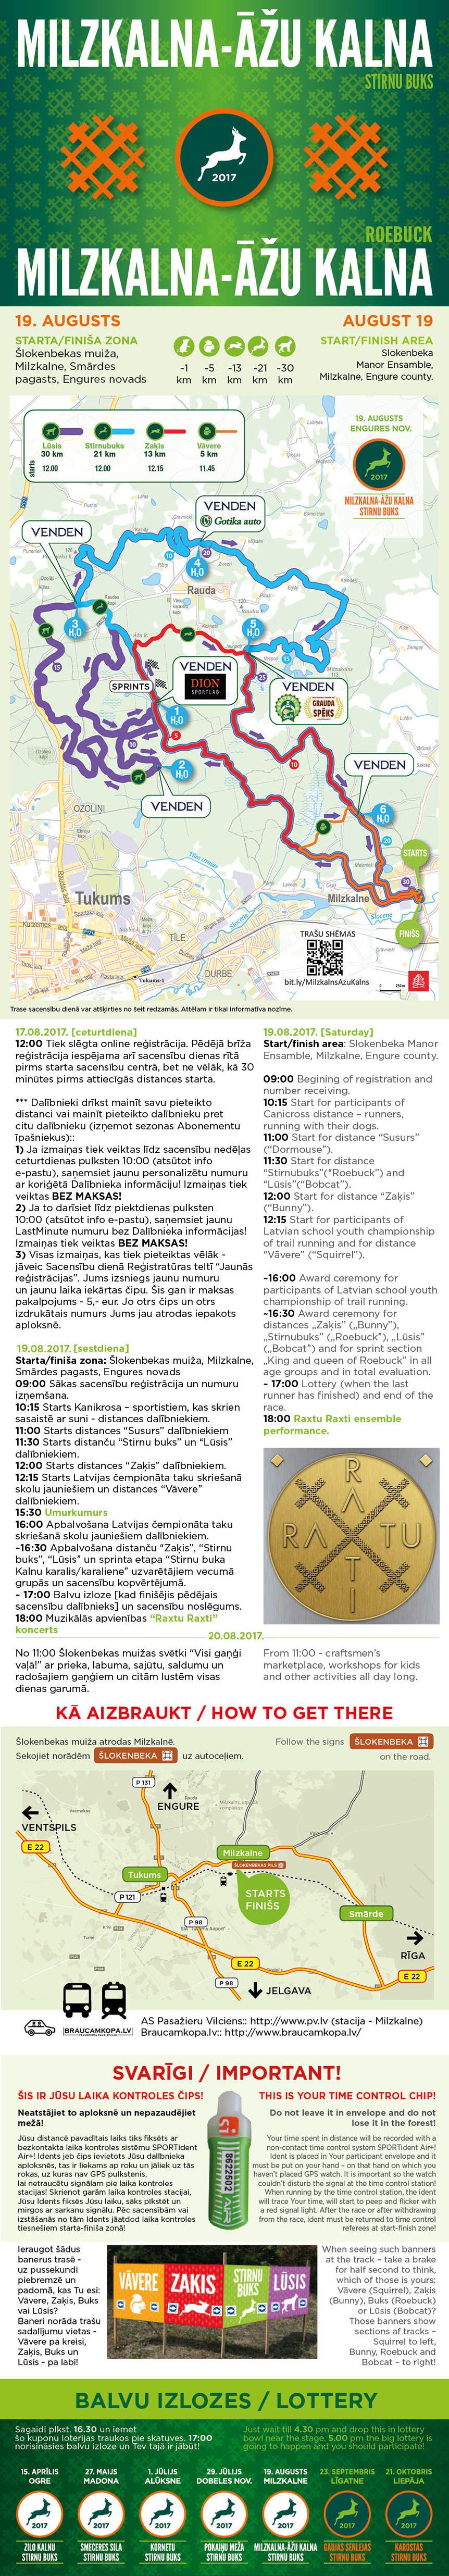 info desa MILZKALNE_222